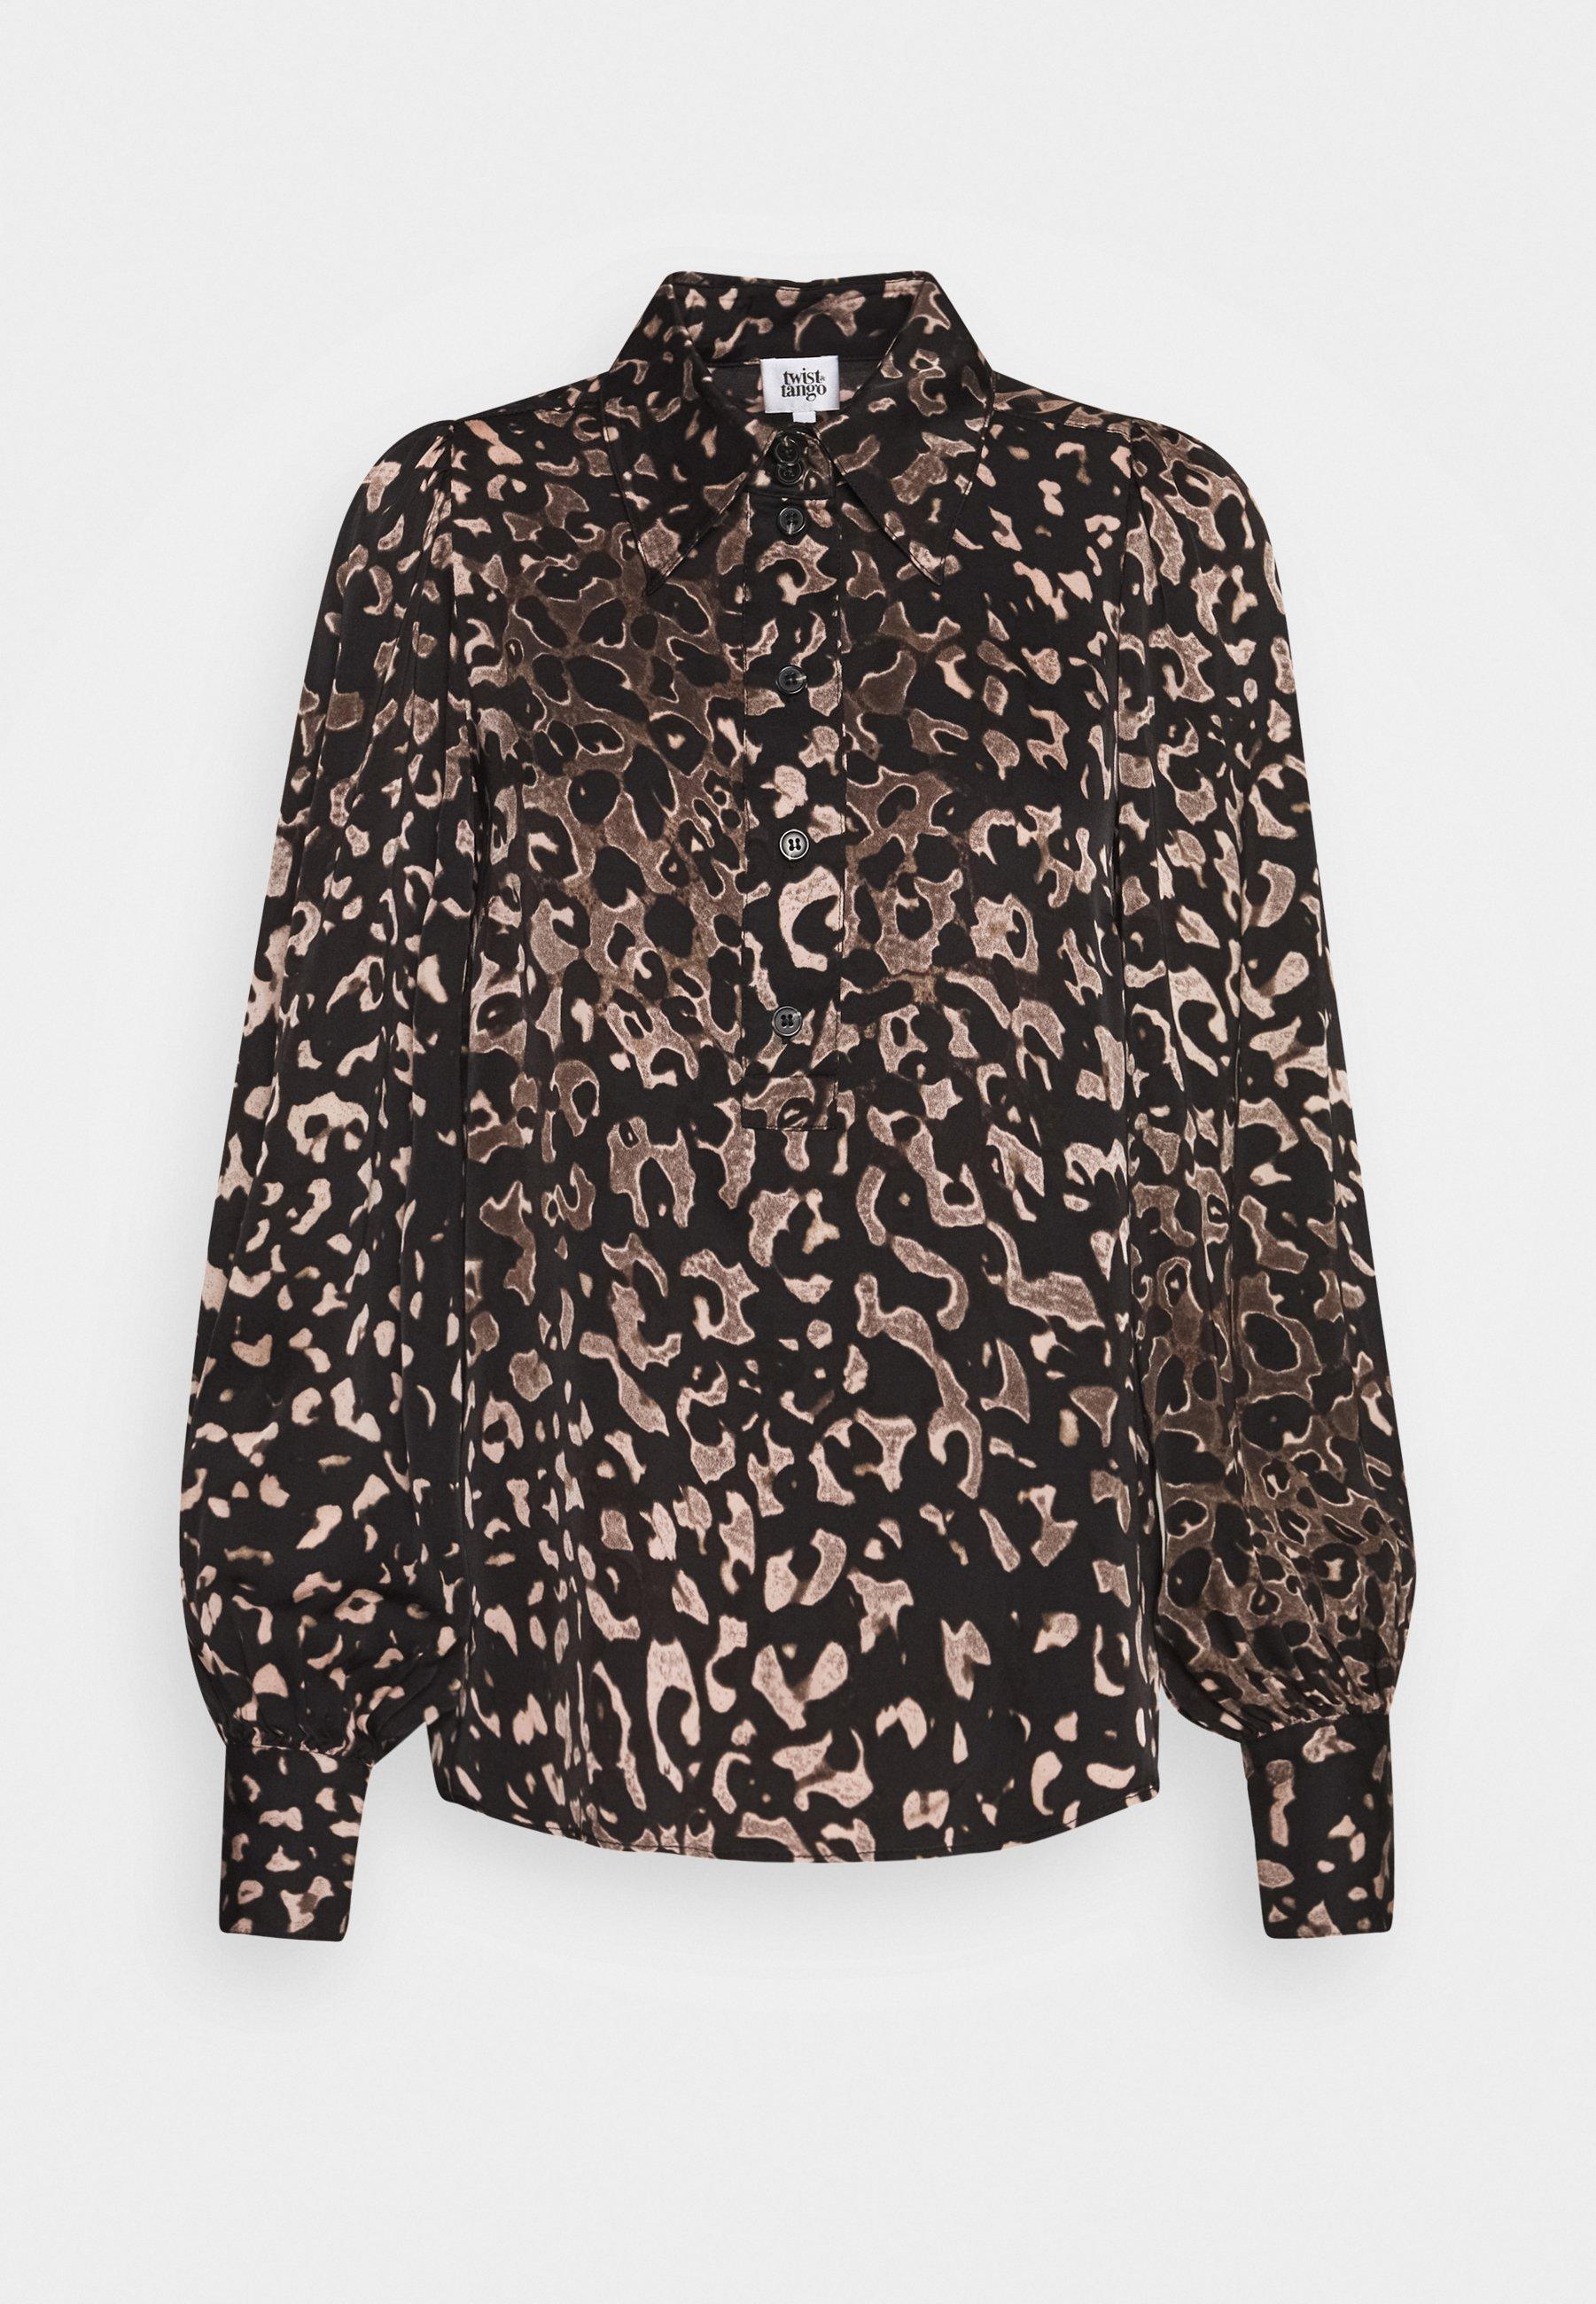 Brune Bluser & skjorter   Dame   Nye kolleksjoner online på